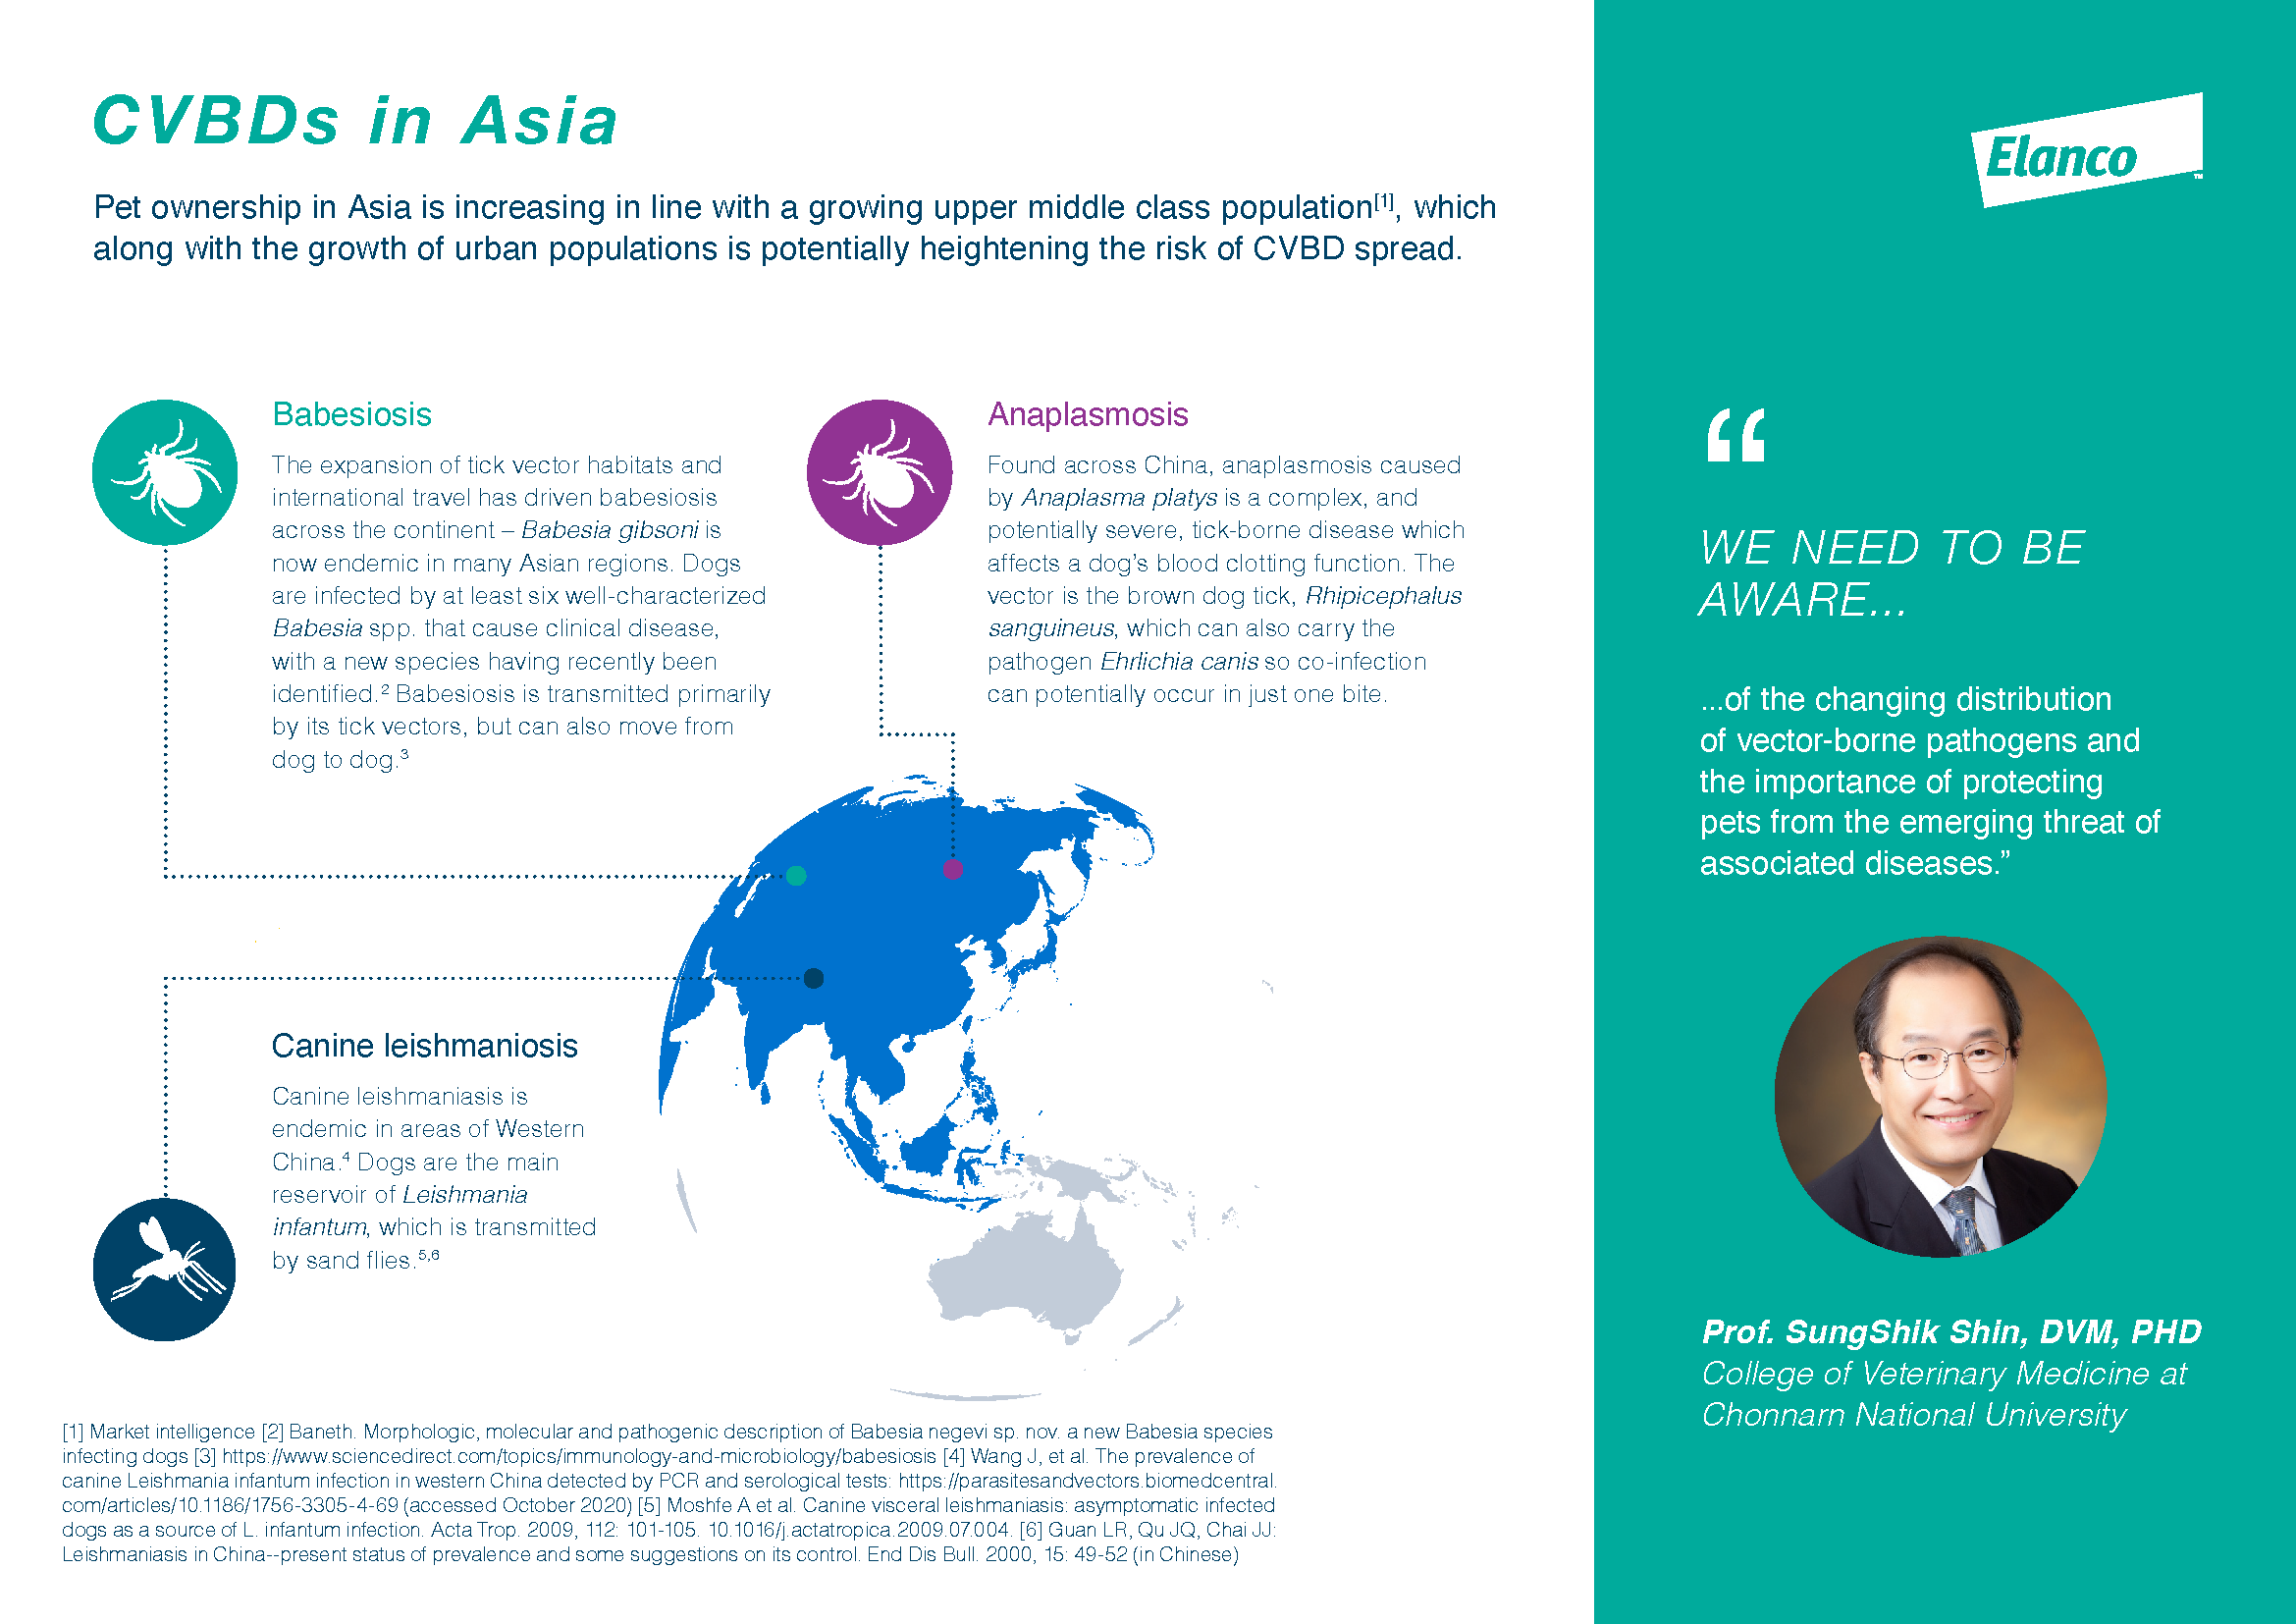 CVBDs in Asia